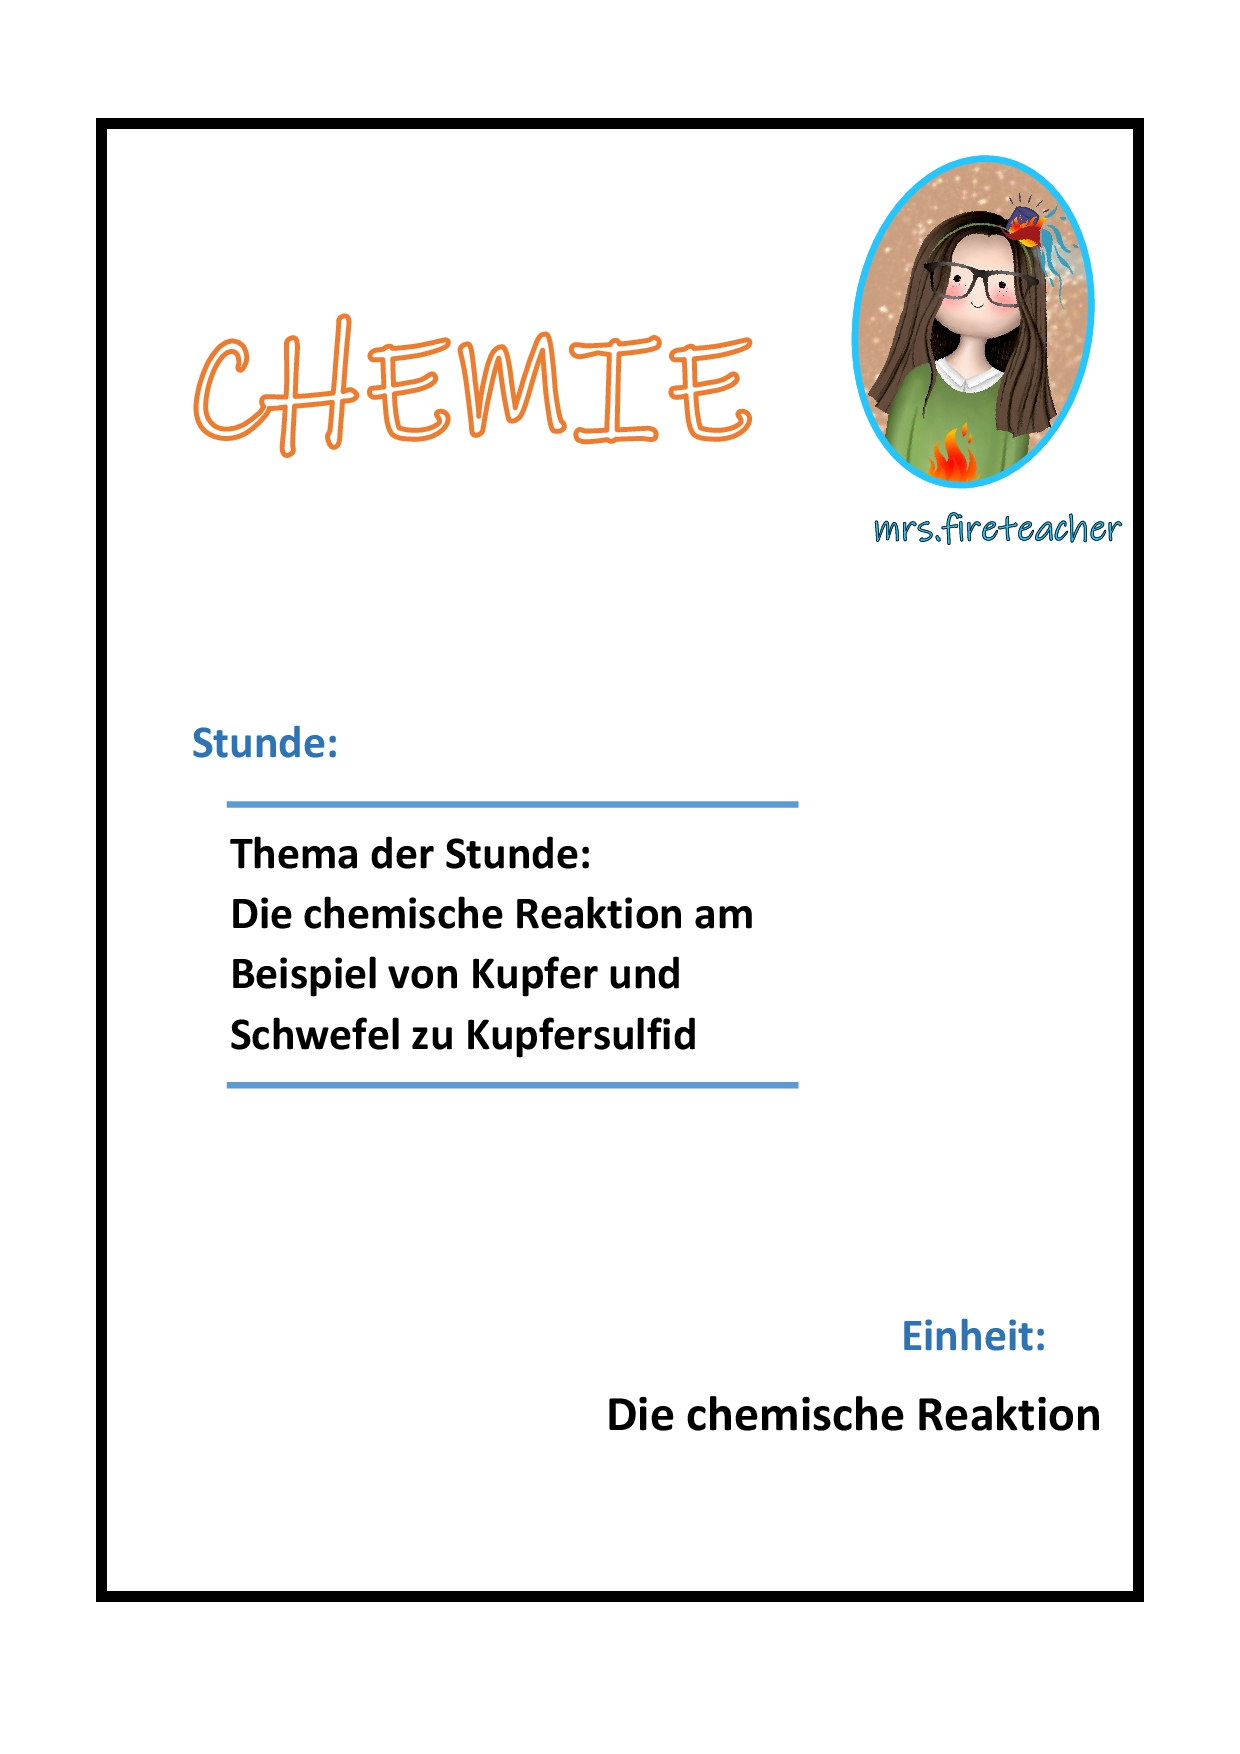 Versuch Kupfer Und Schwefel Stundenentwurf Die Chemische Reaktion Unterrichtsmaterial Im Fach Chemie Chemische Reaktion Chemie Chemisch